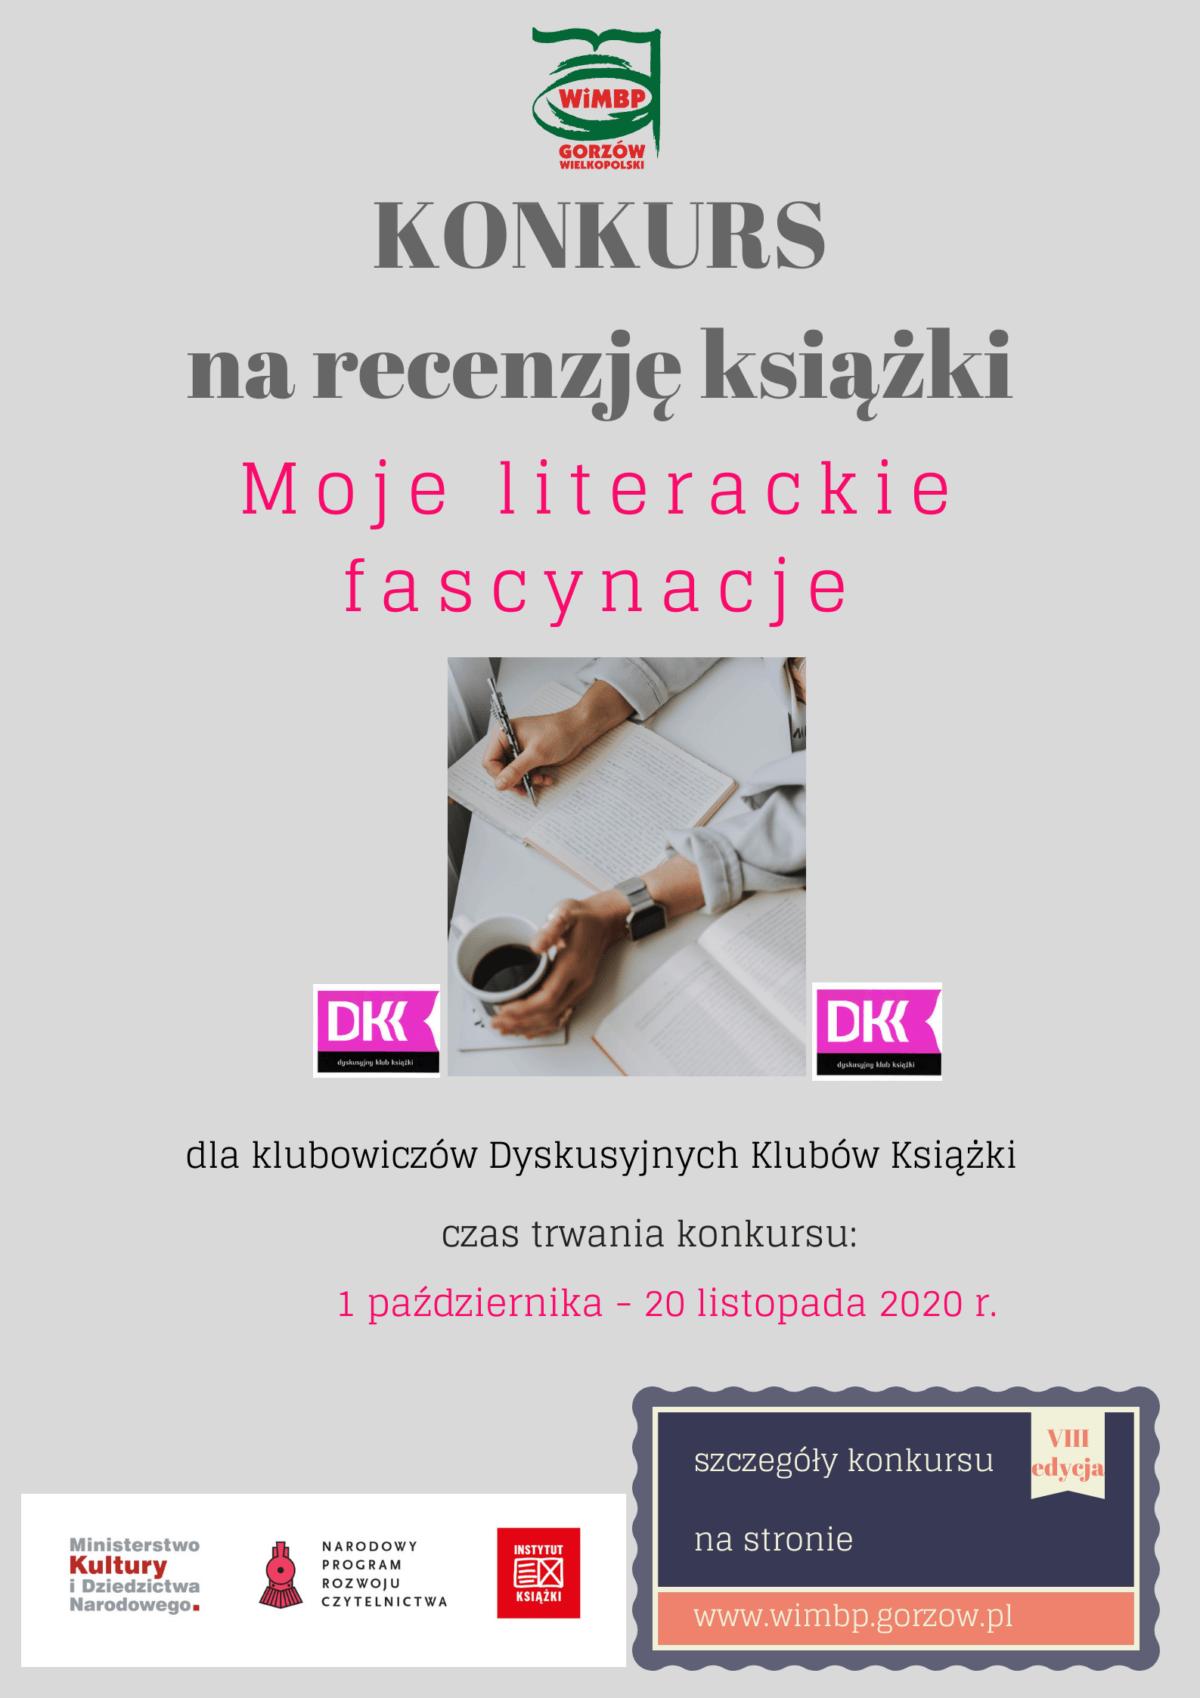 Zapraszamy wszystkich członków Dyskusyjnych Klubów Książki z Gorzowa Wielkopolskiego i północnej części województwa lubuskiego do udziału w konkursie na najciekawszą recenzję książki. Konkurs trwa od 1 października do 20 listopada 2020 r.